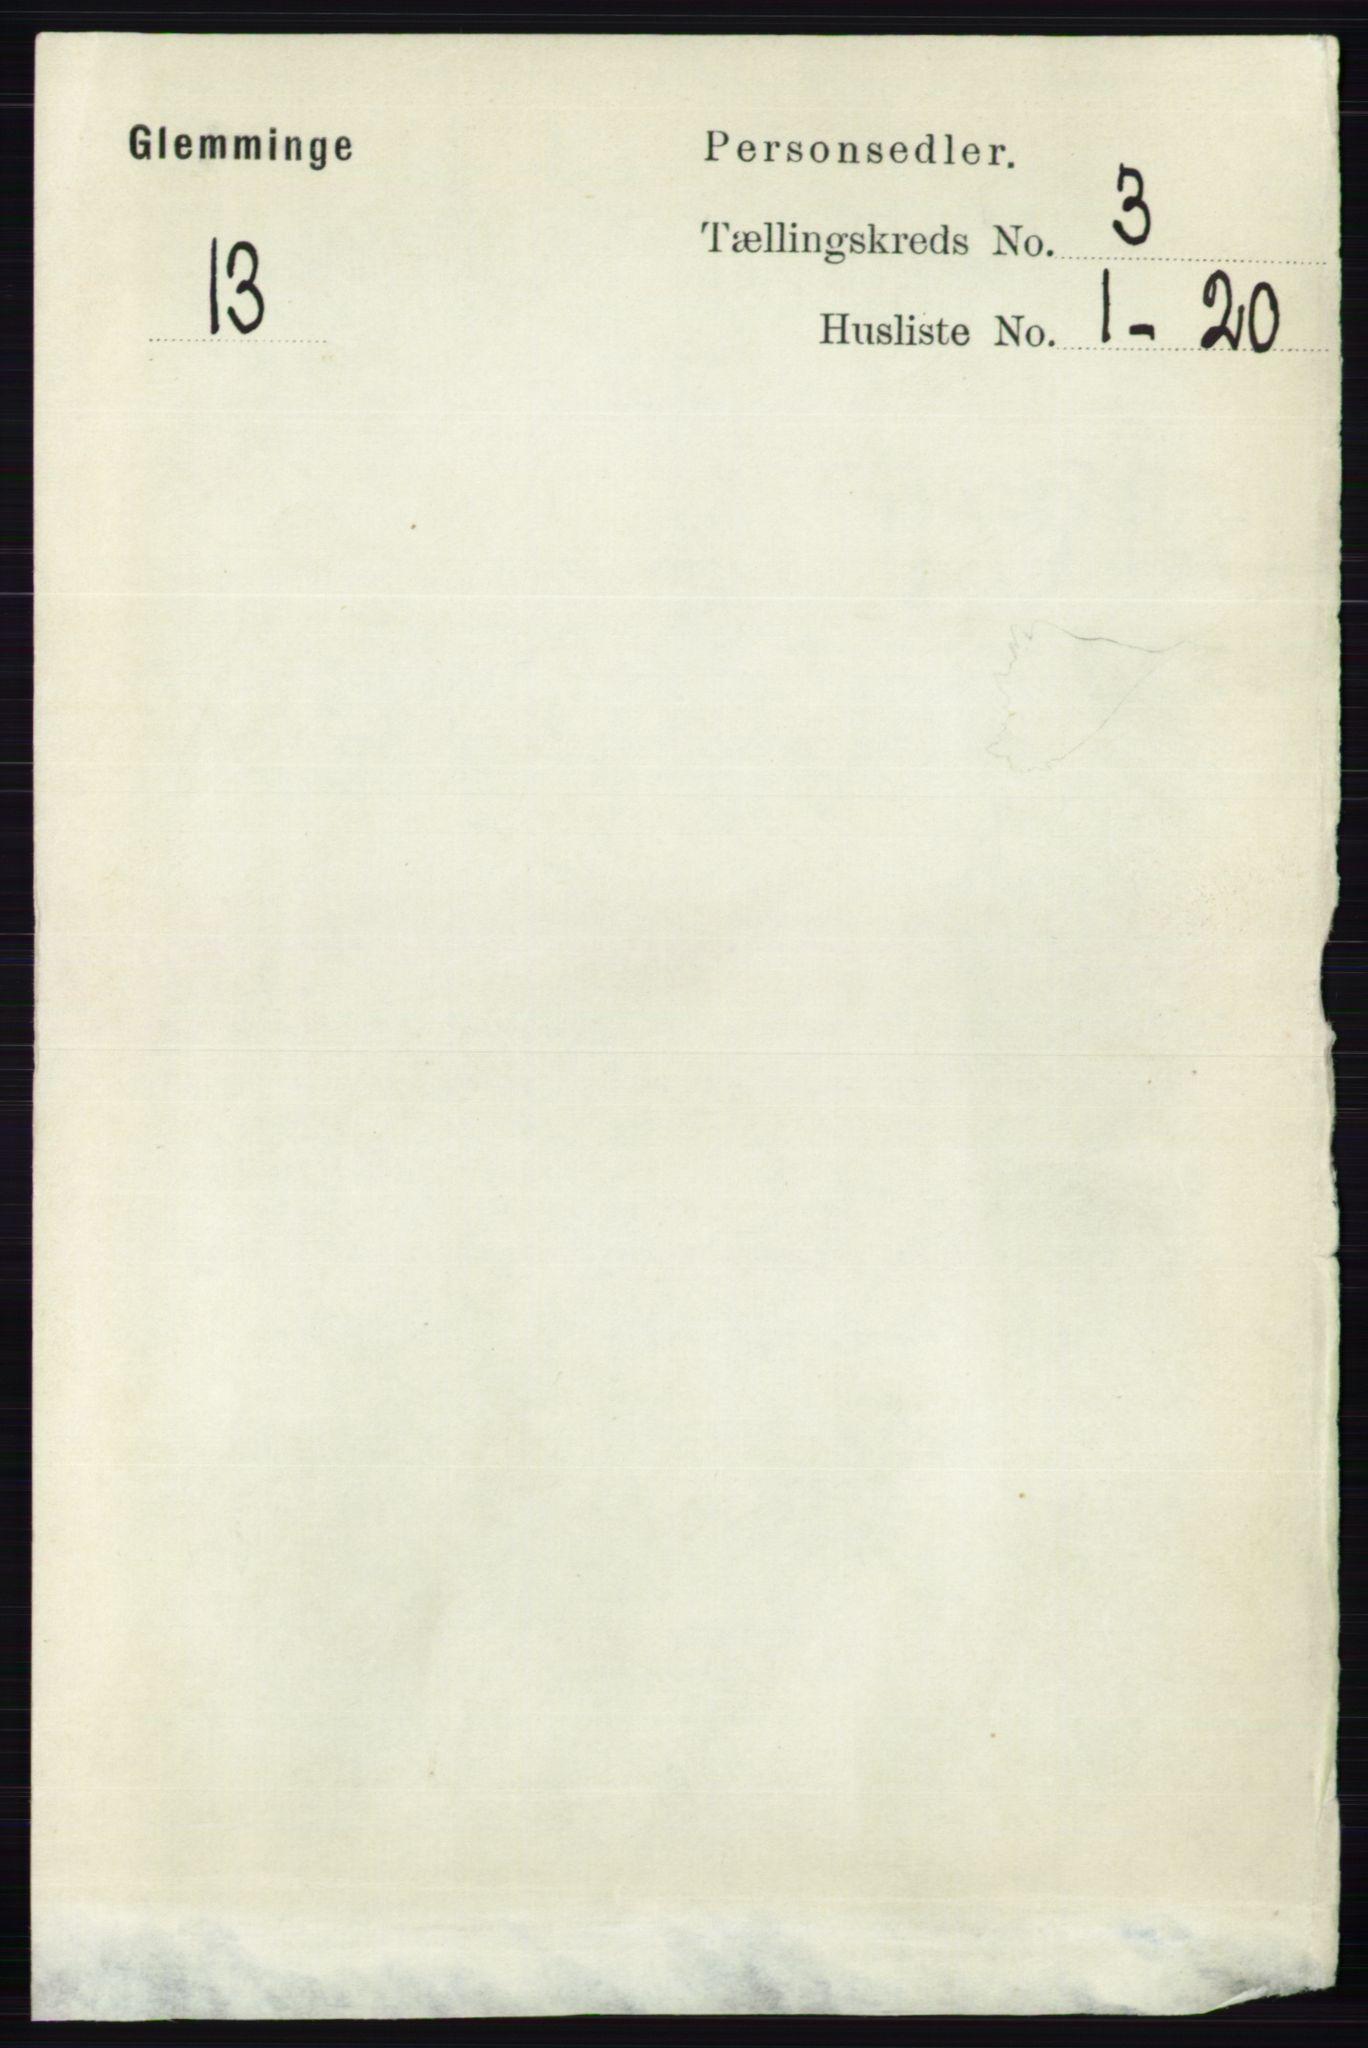 RA, Folketelling 1891 for 0132 Glemmen herred, 1891, s. 1941